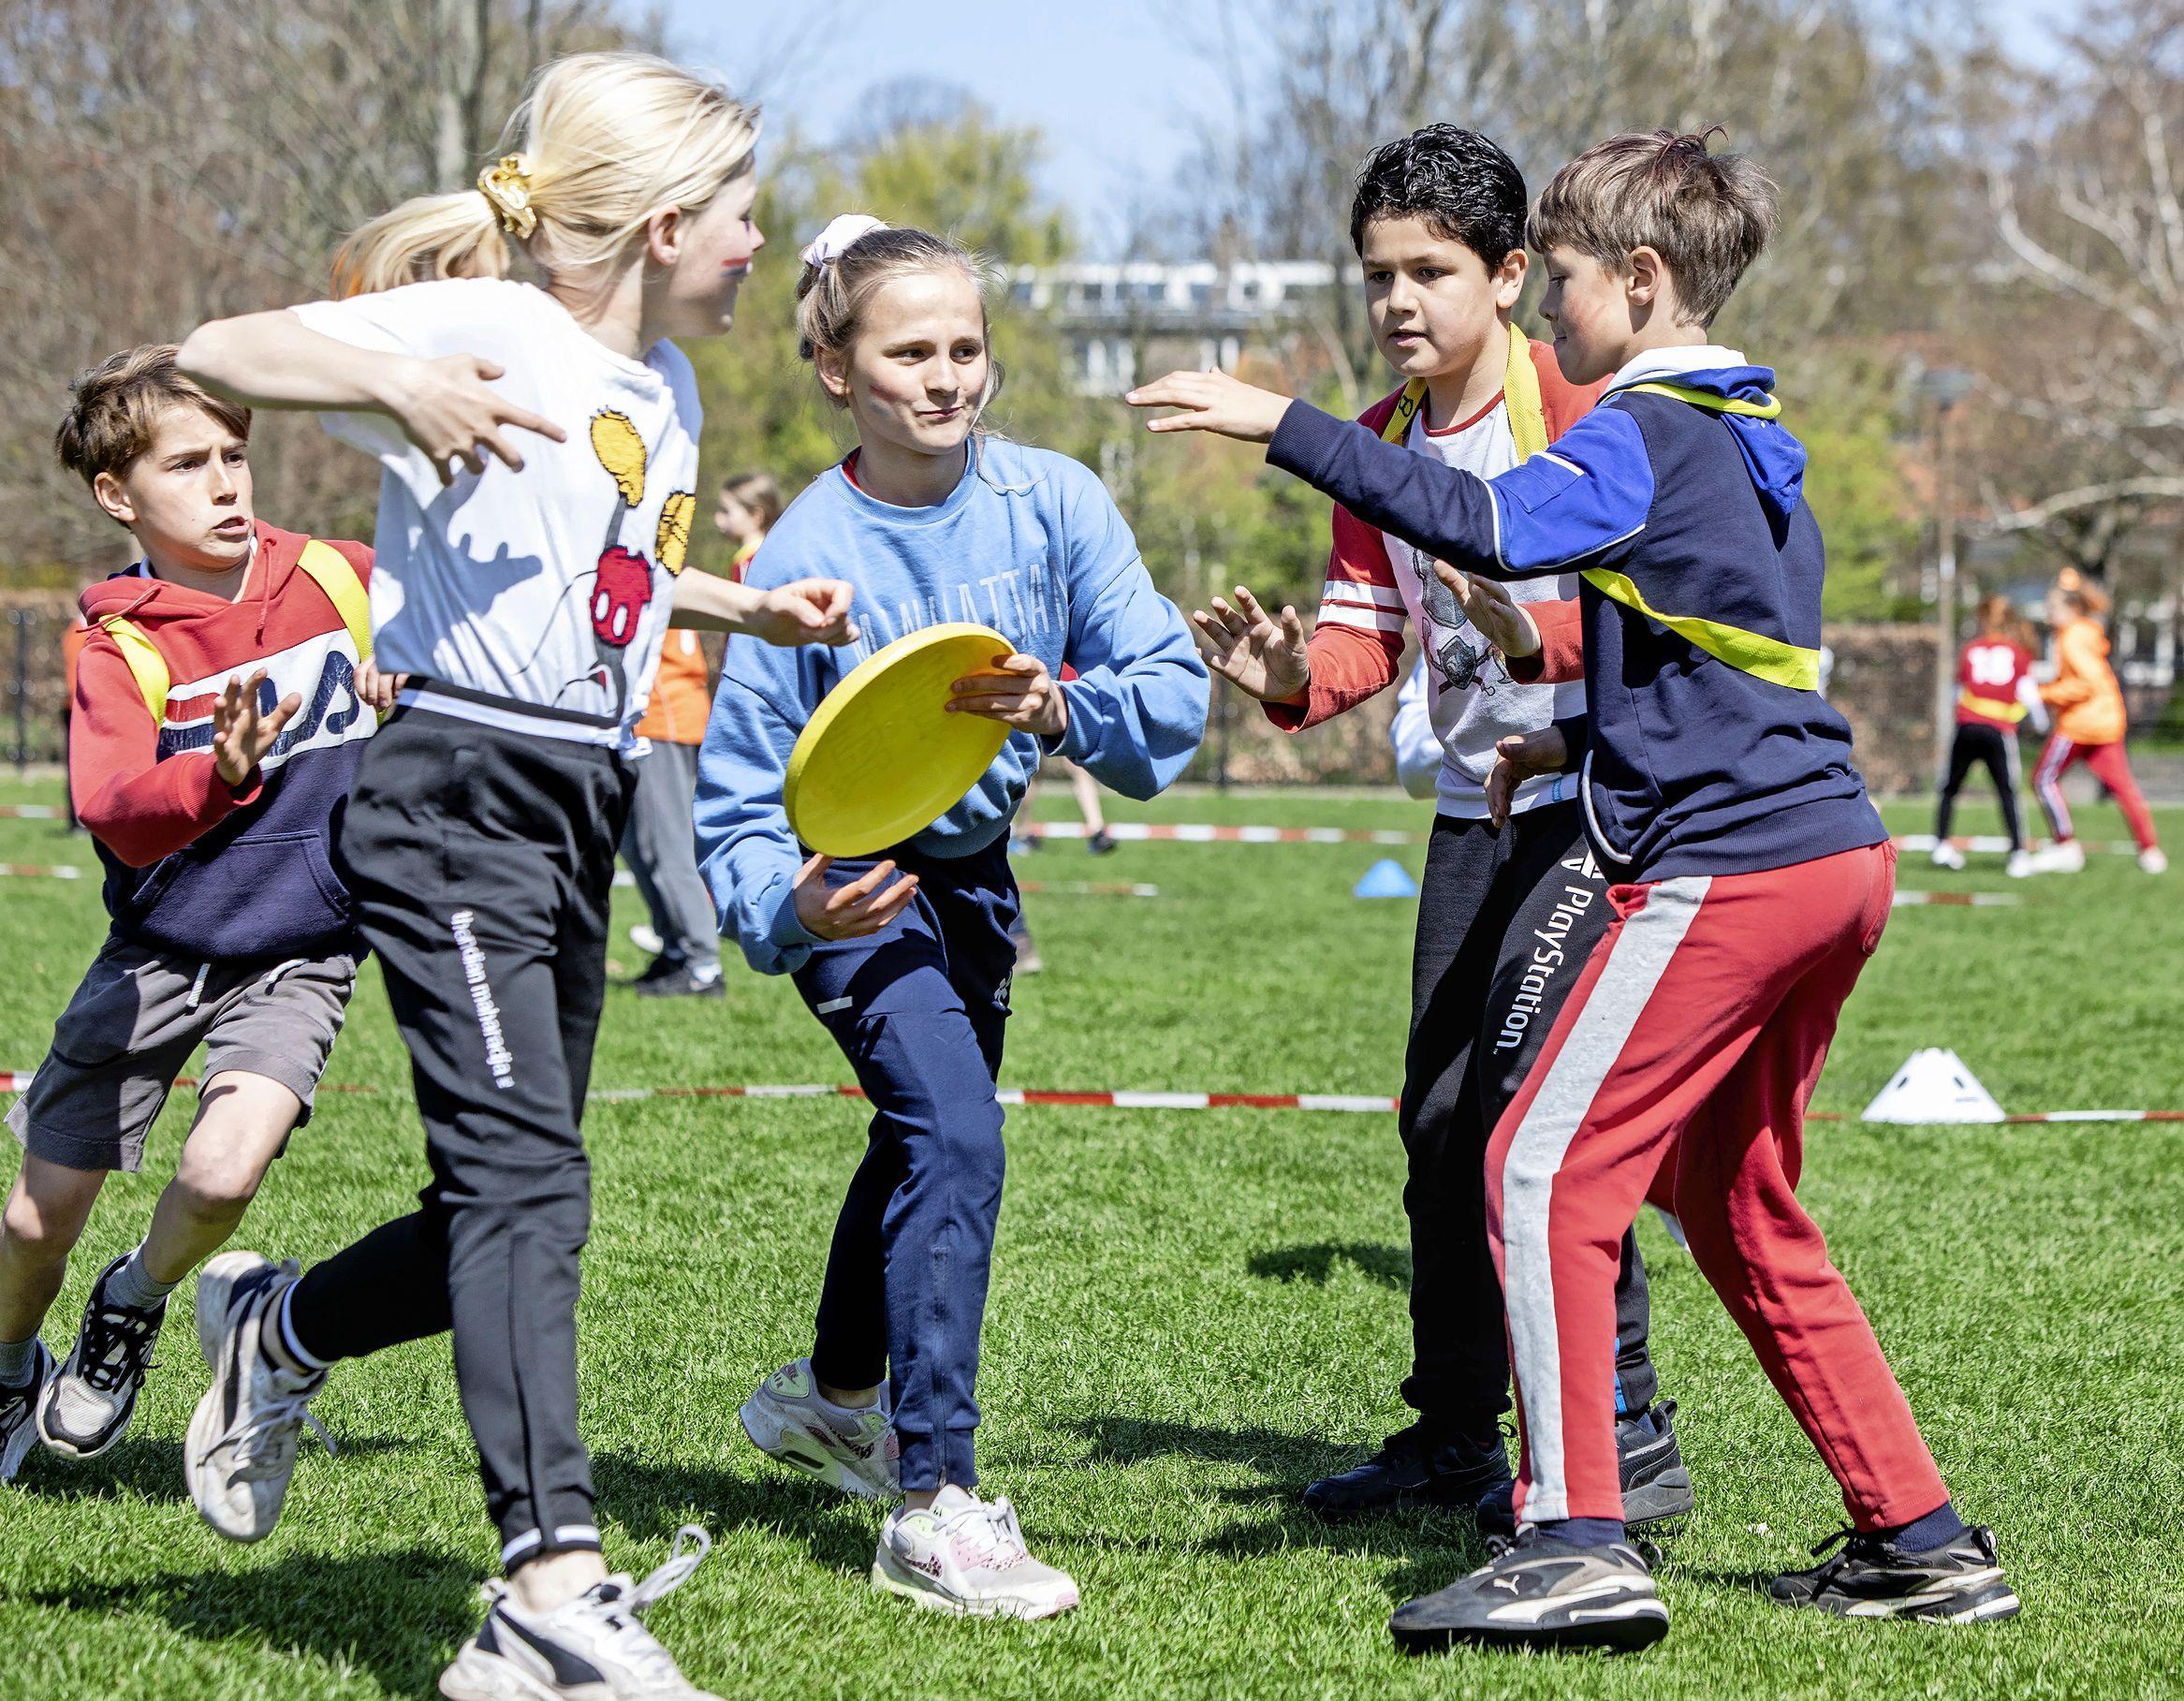 Coronaproof Koningsspelen op de Julianaschool in Overveen in teken van 'vuur, water en aarde'